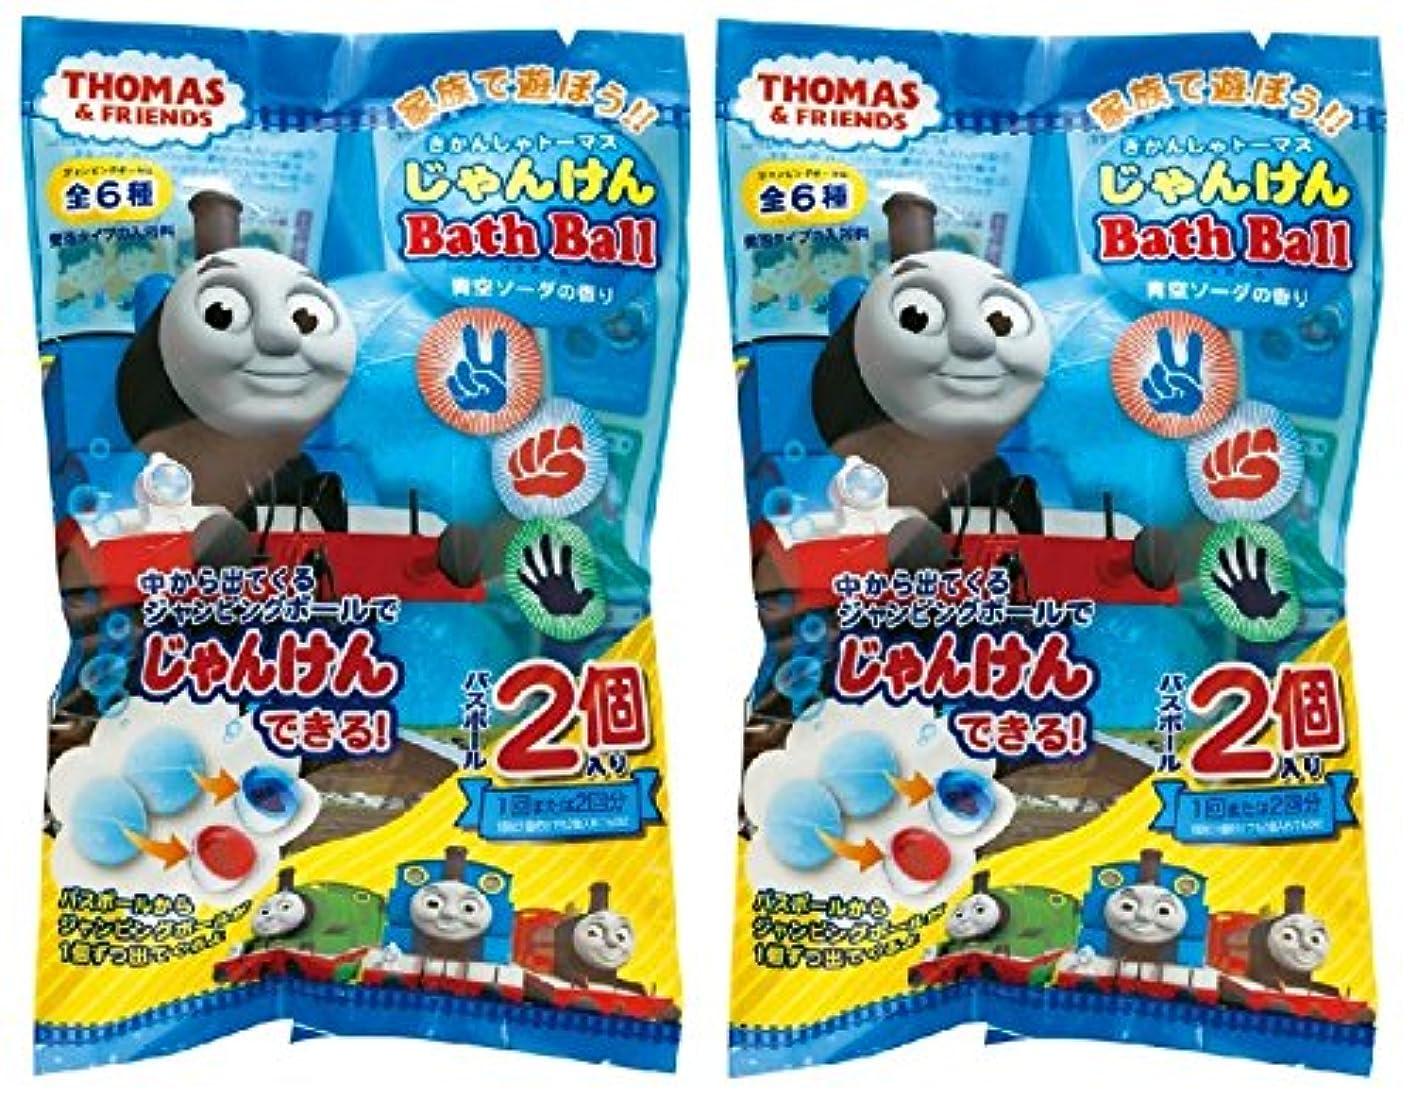 従うヘッドレス深さ【2袋セット】きかんしゃトーマス 入浴剤 じゃんけんバスボール 2個入り おまけ付き 青色ソーダの香り OB-TOB-4-1